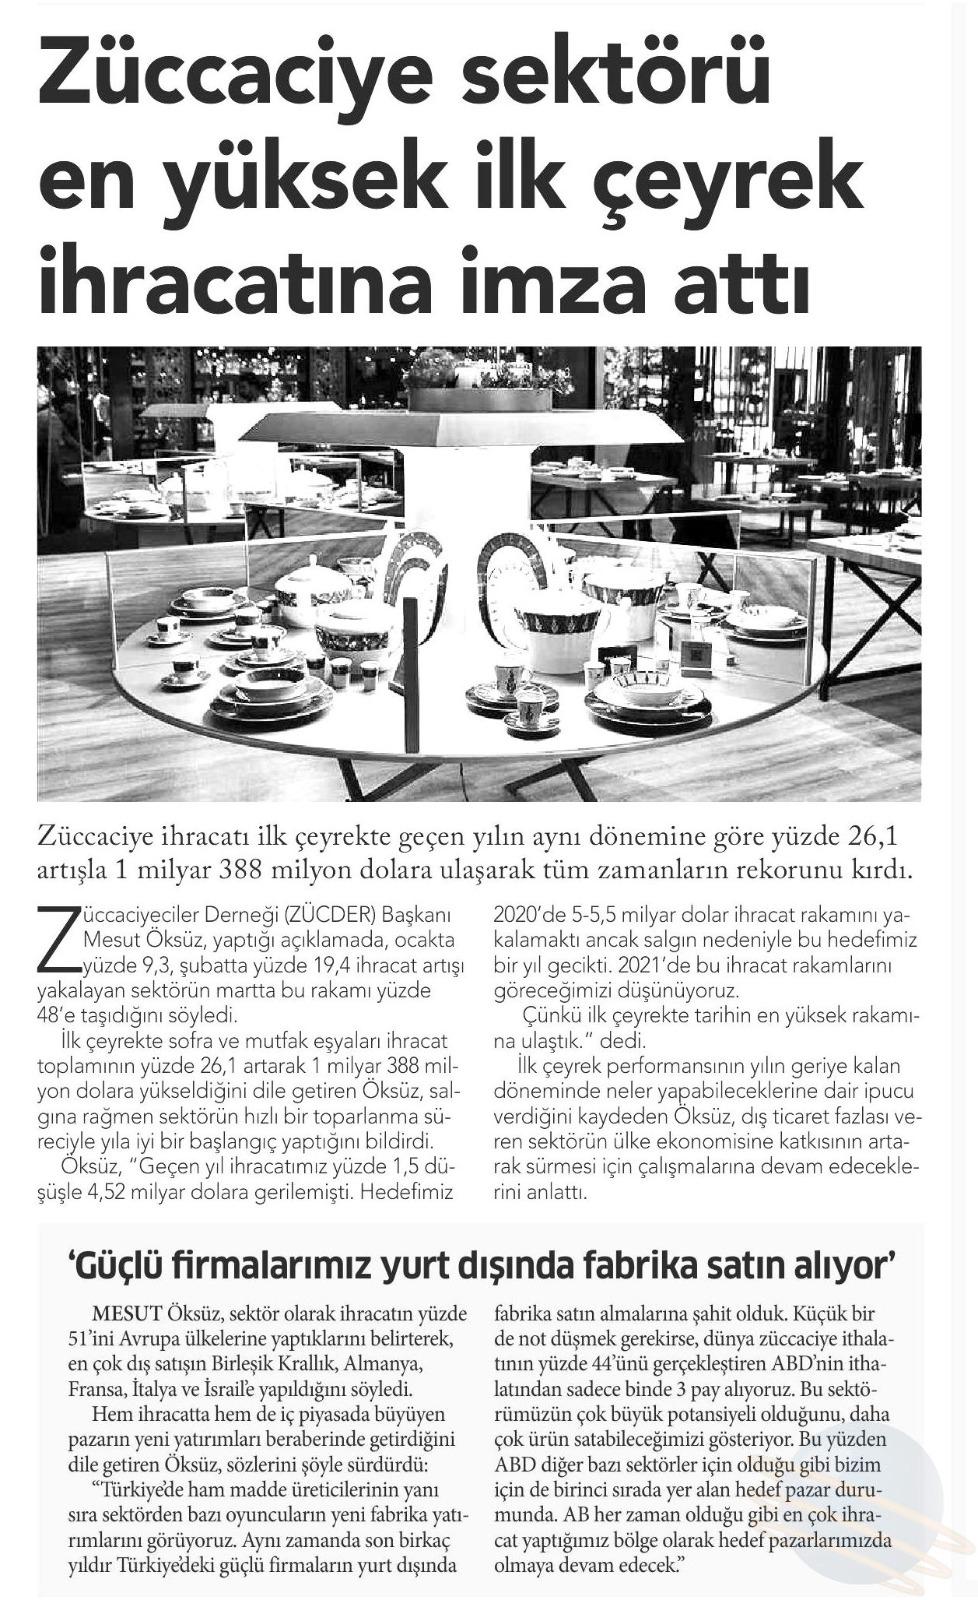 15.04.21 (2) Yeni Söz Gazetesi